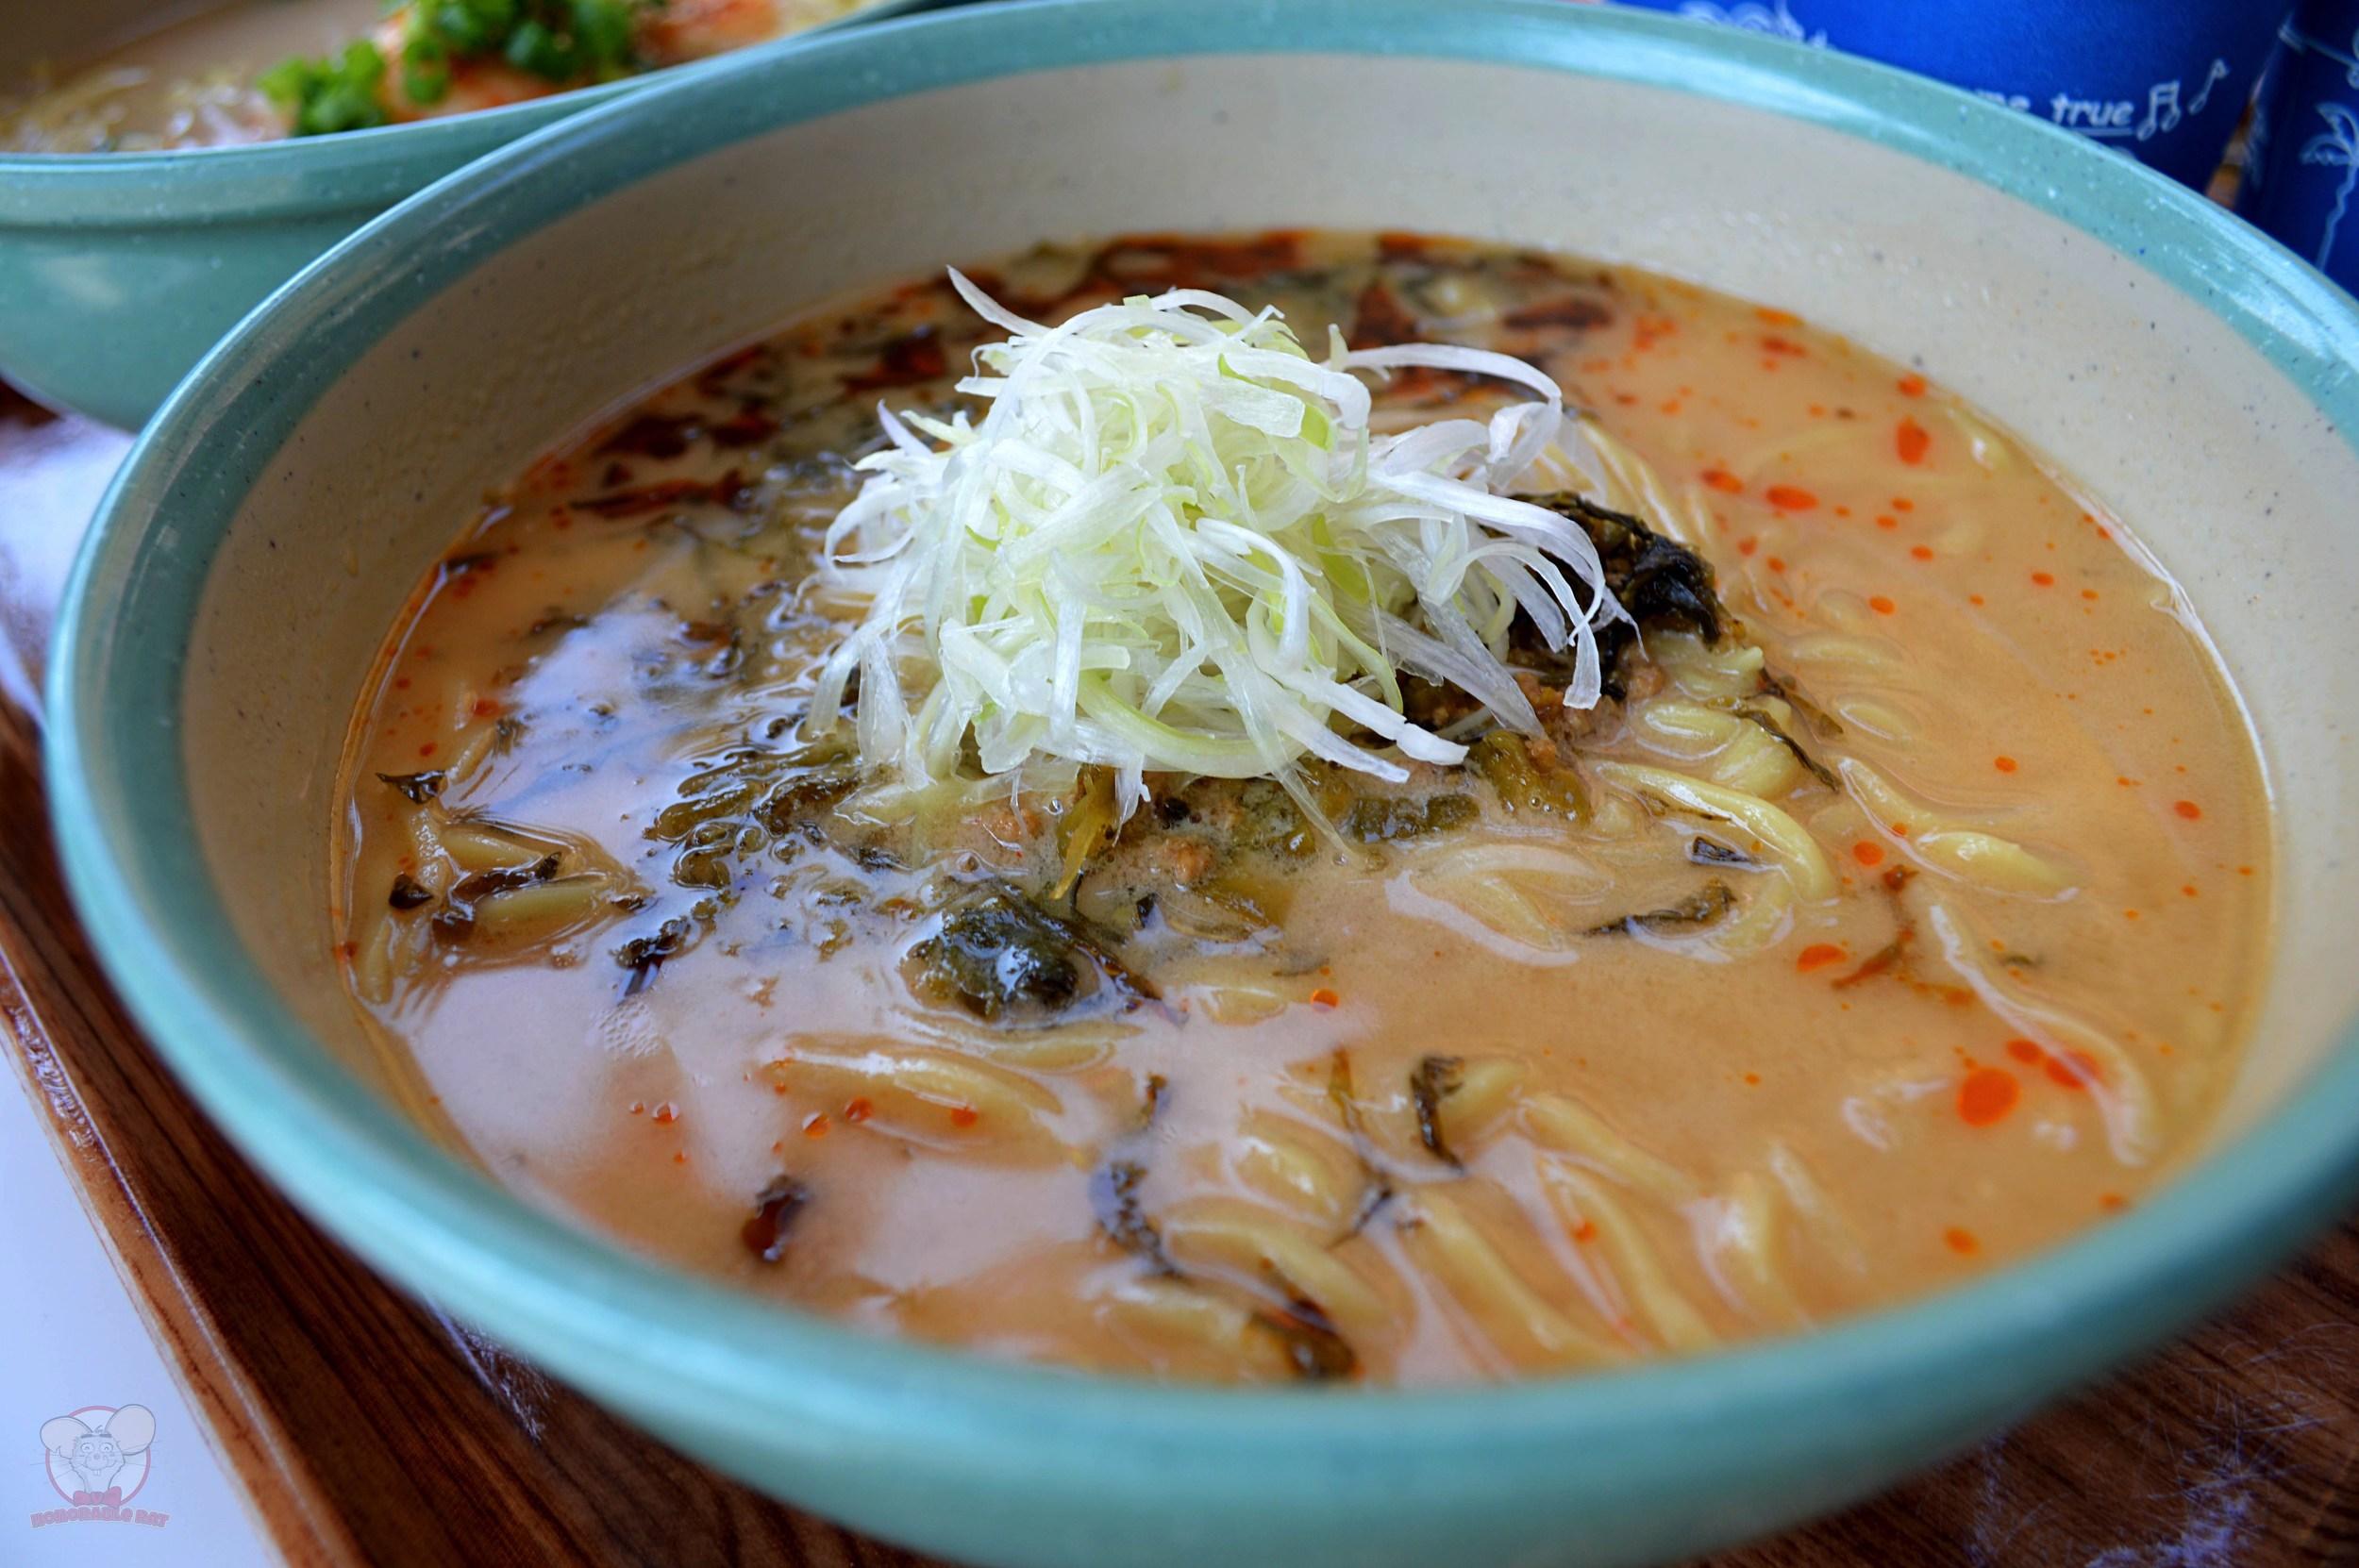 Shrimp & Vegetables in Pork Soup